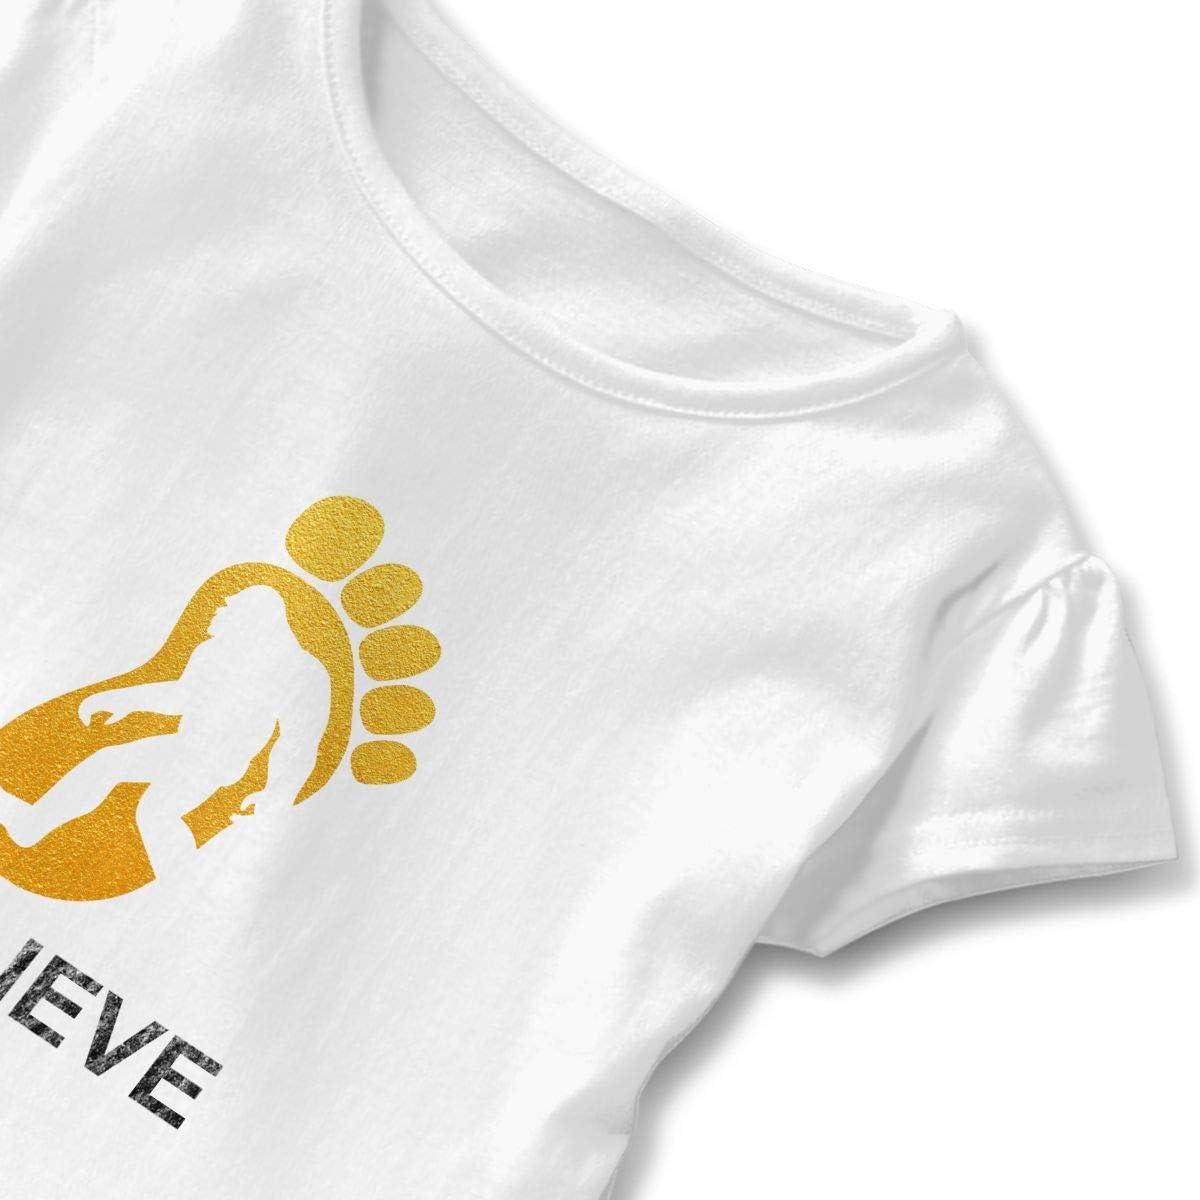 Cheng Jian Bo I Believe Bigfoot Toddler Girls T Shirt Kids Cotton Short Sleeve Ruffle Tee